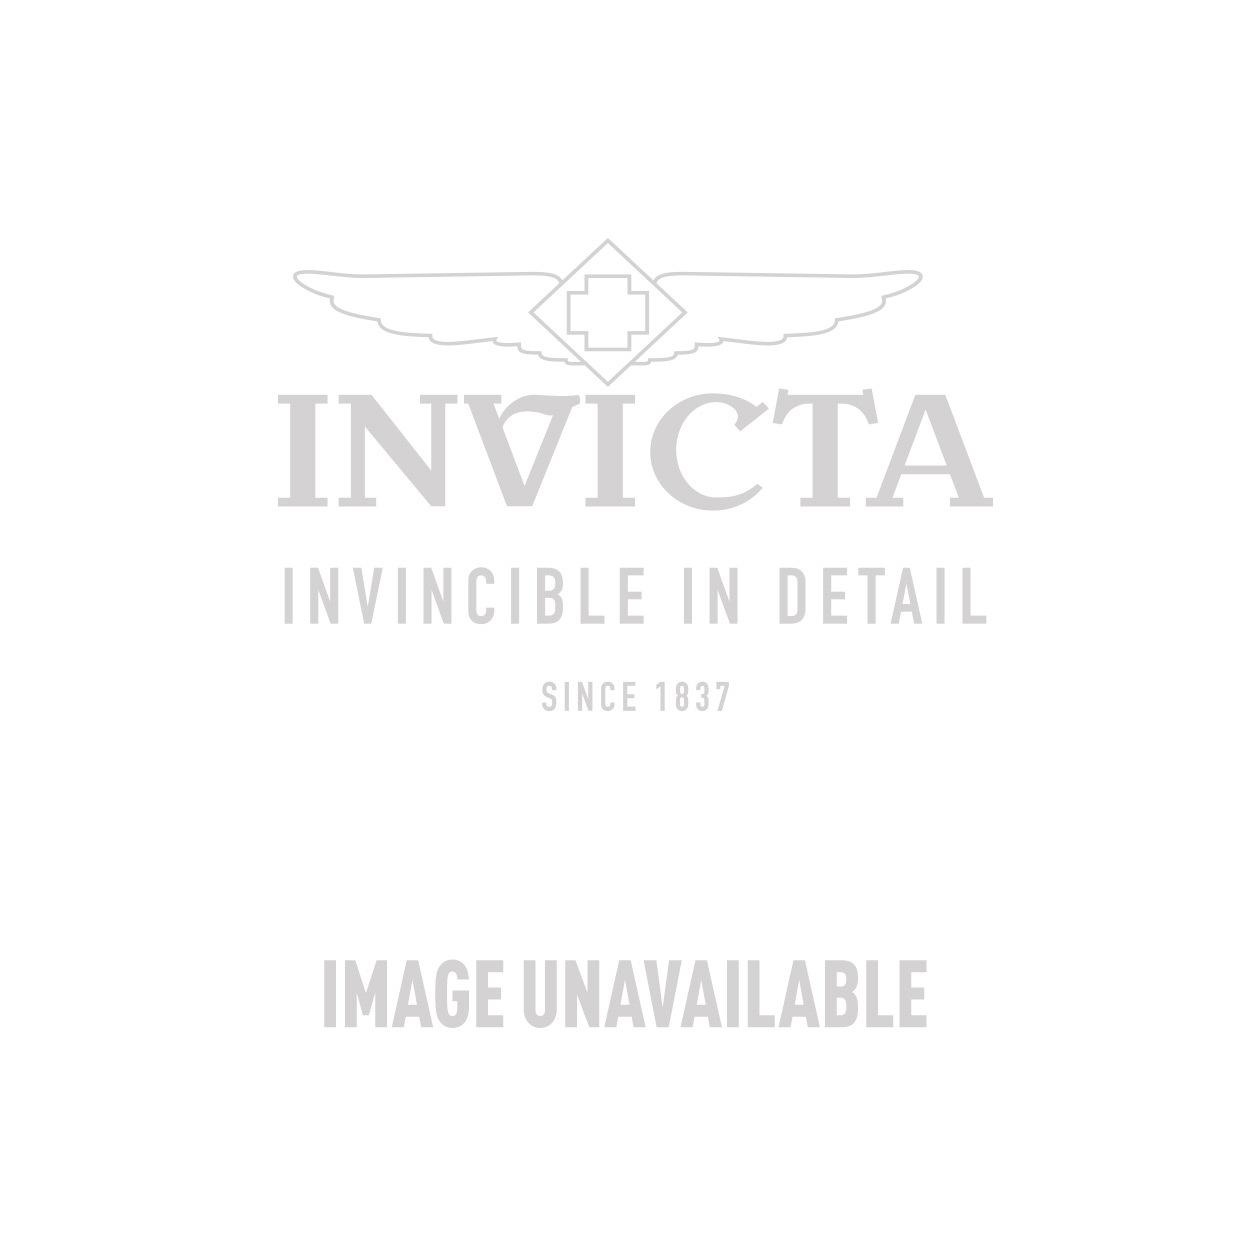 Invicta Model  25643